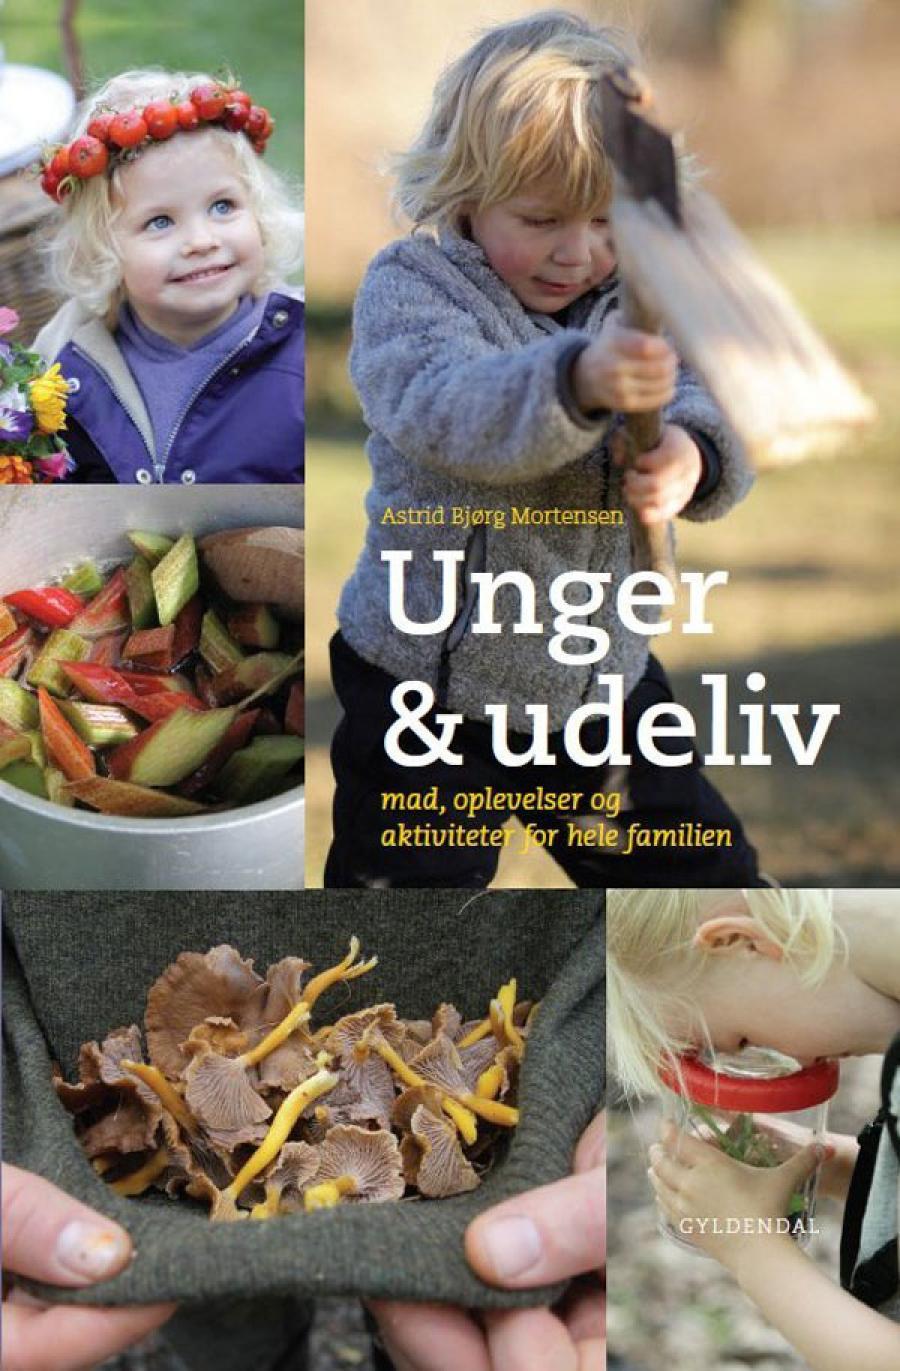 Billede af bogen Unger og udeliv af Astrid Bjørg Mortensen